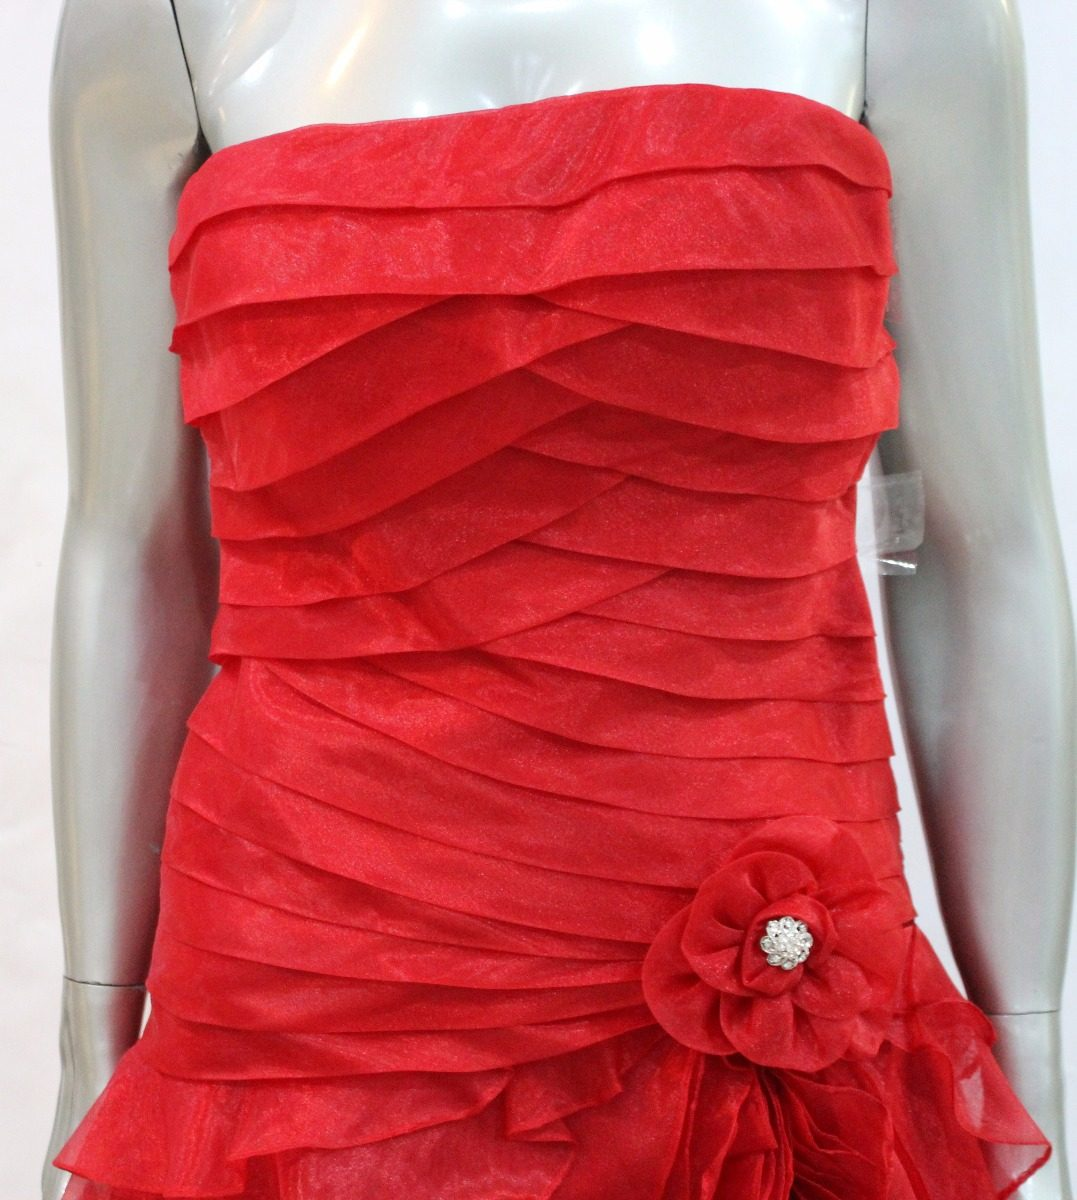 aae227ce47 vestido vermelho longo babados importado tomara caia festa. Carregando zoom.